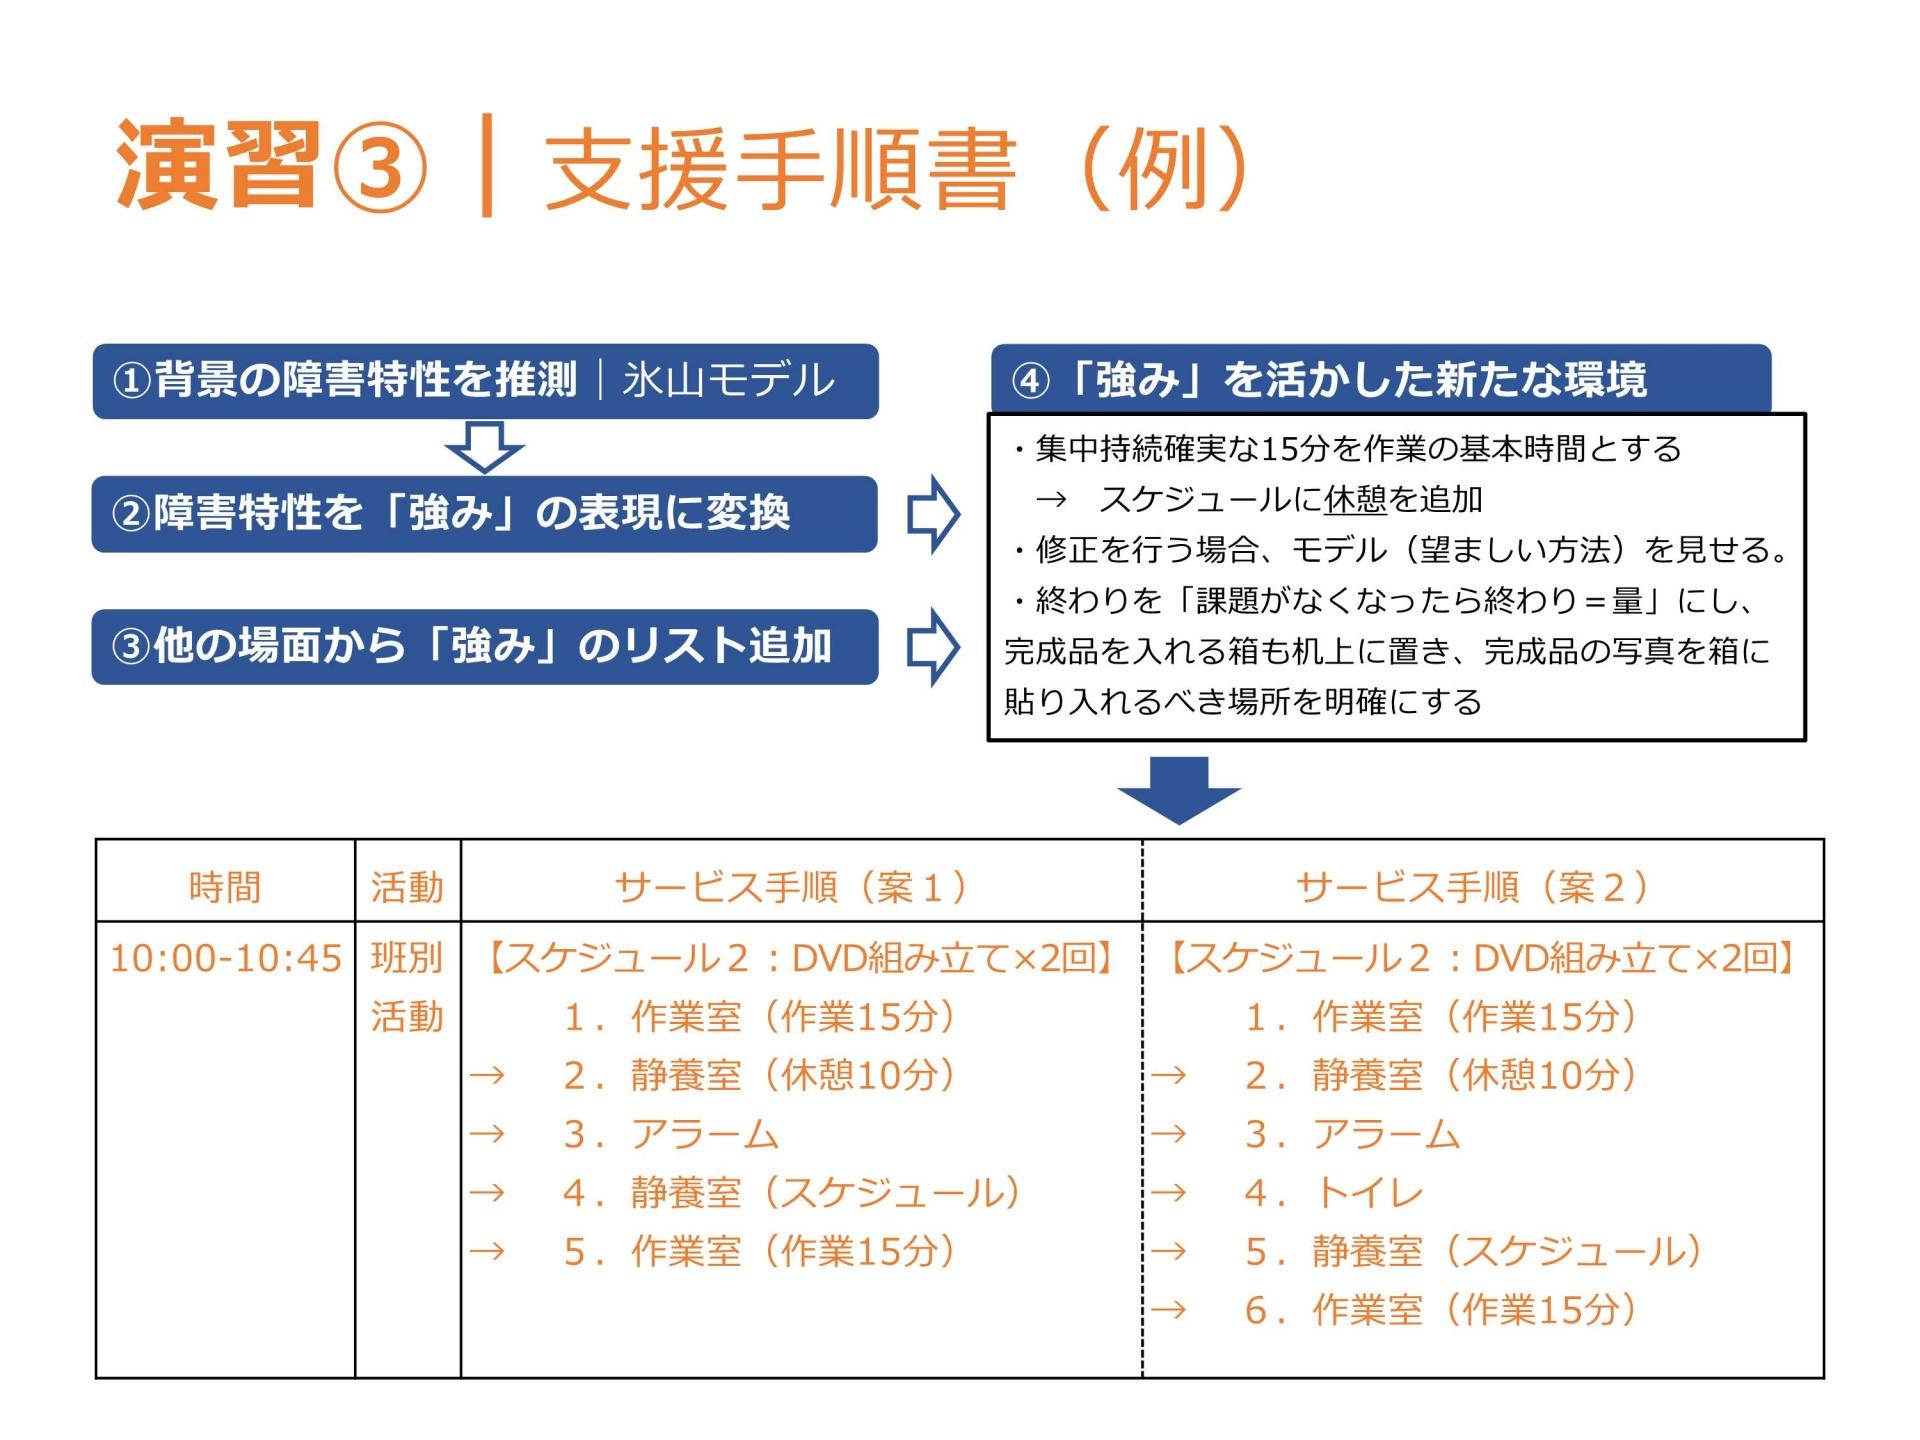 04-1障がい特性とプランニングⅠ(表示用)_3